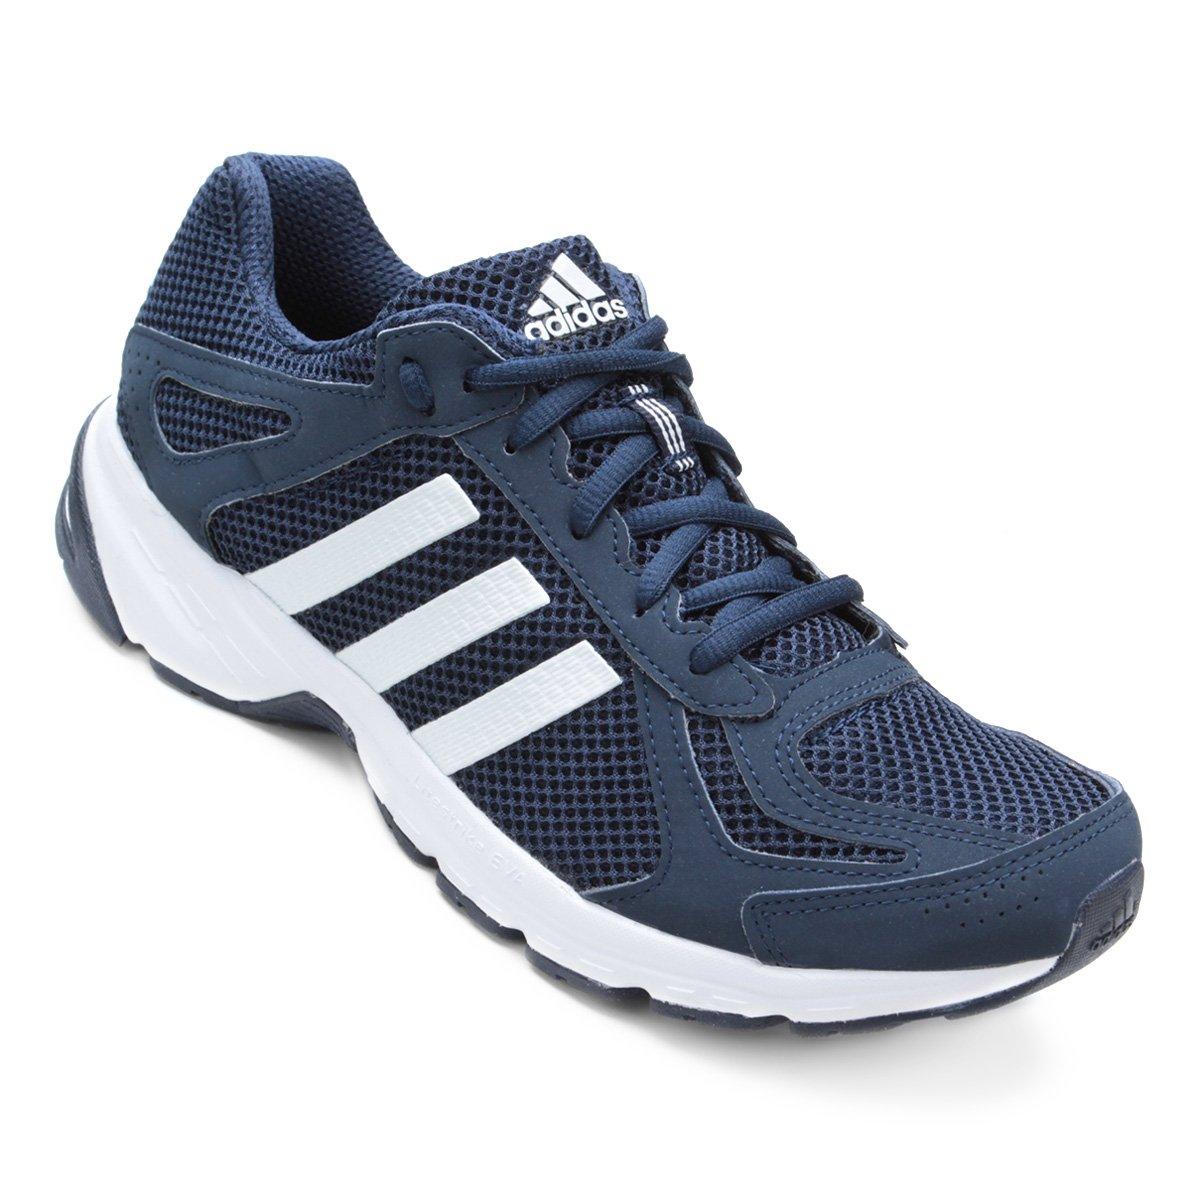 99867b67384a Tênis Adidas Duramo 55 Masculino - Compre Agora